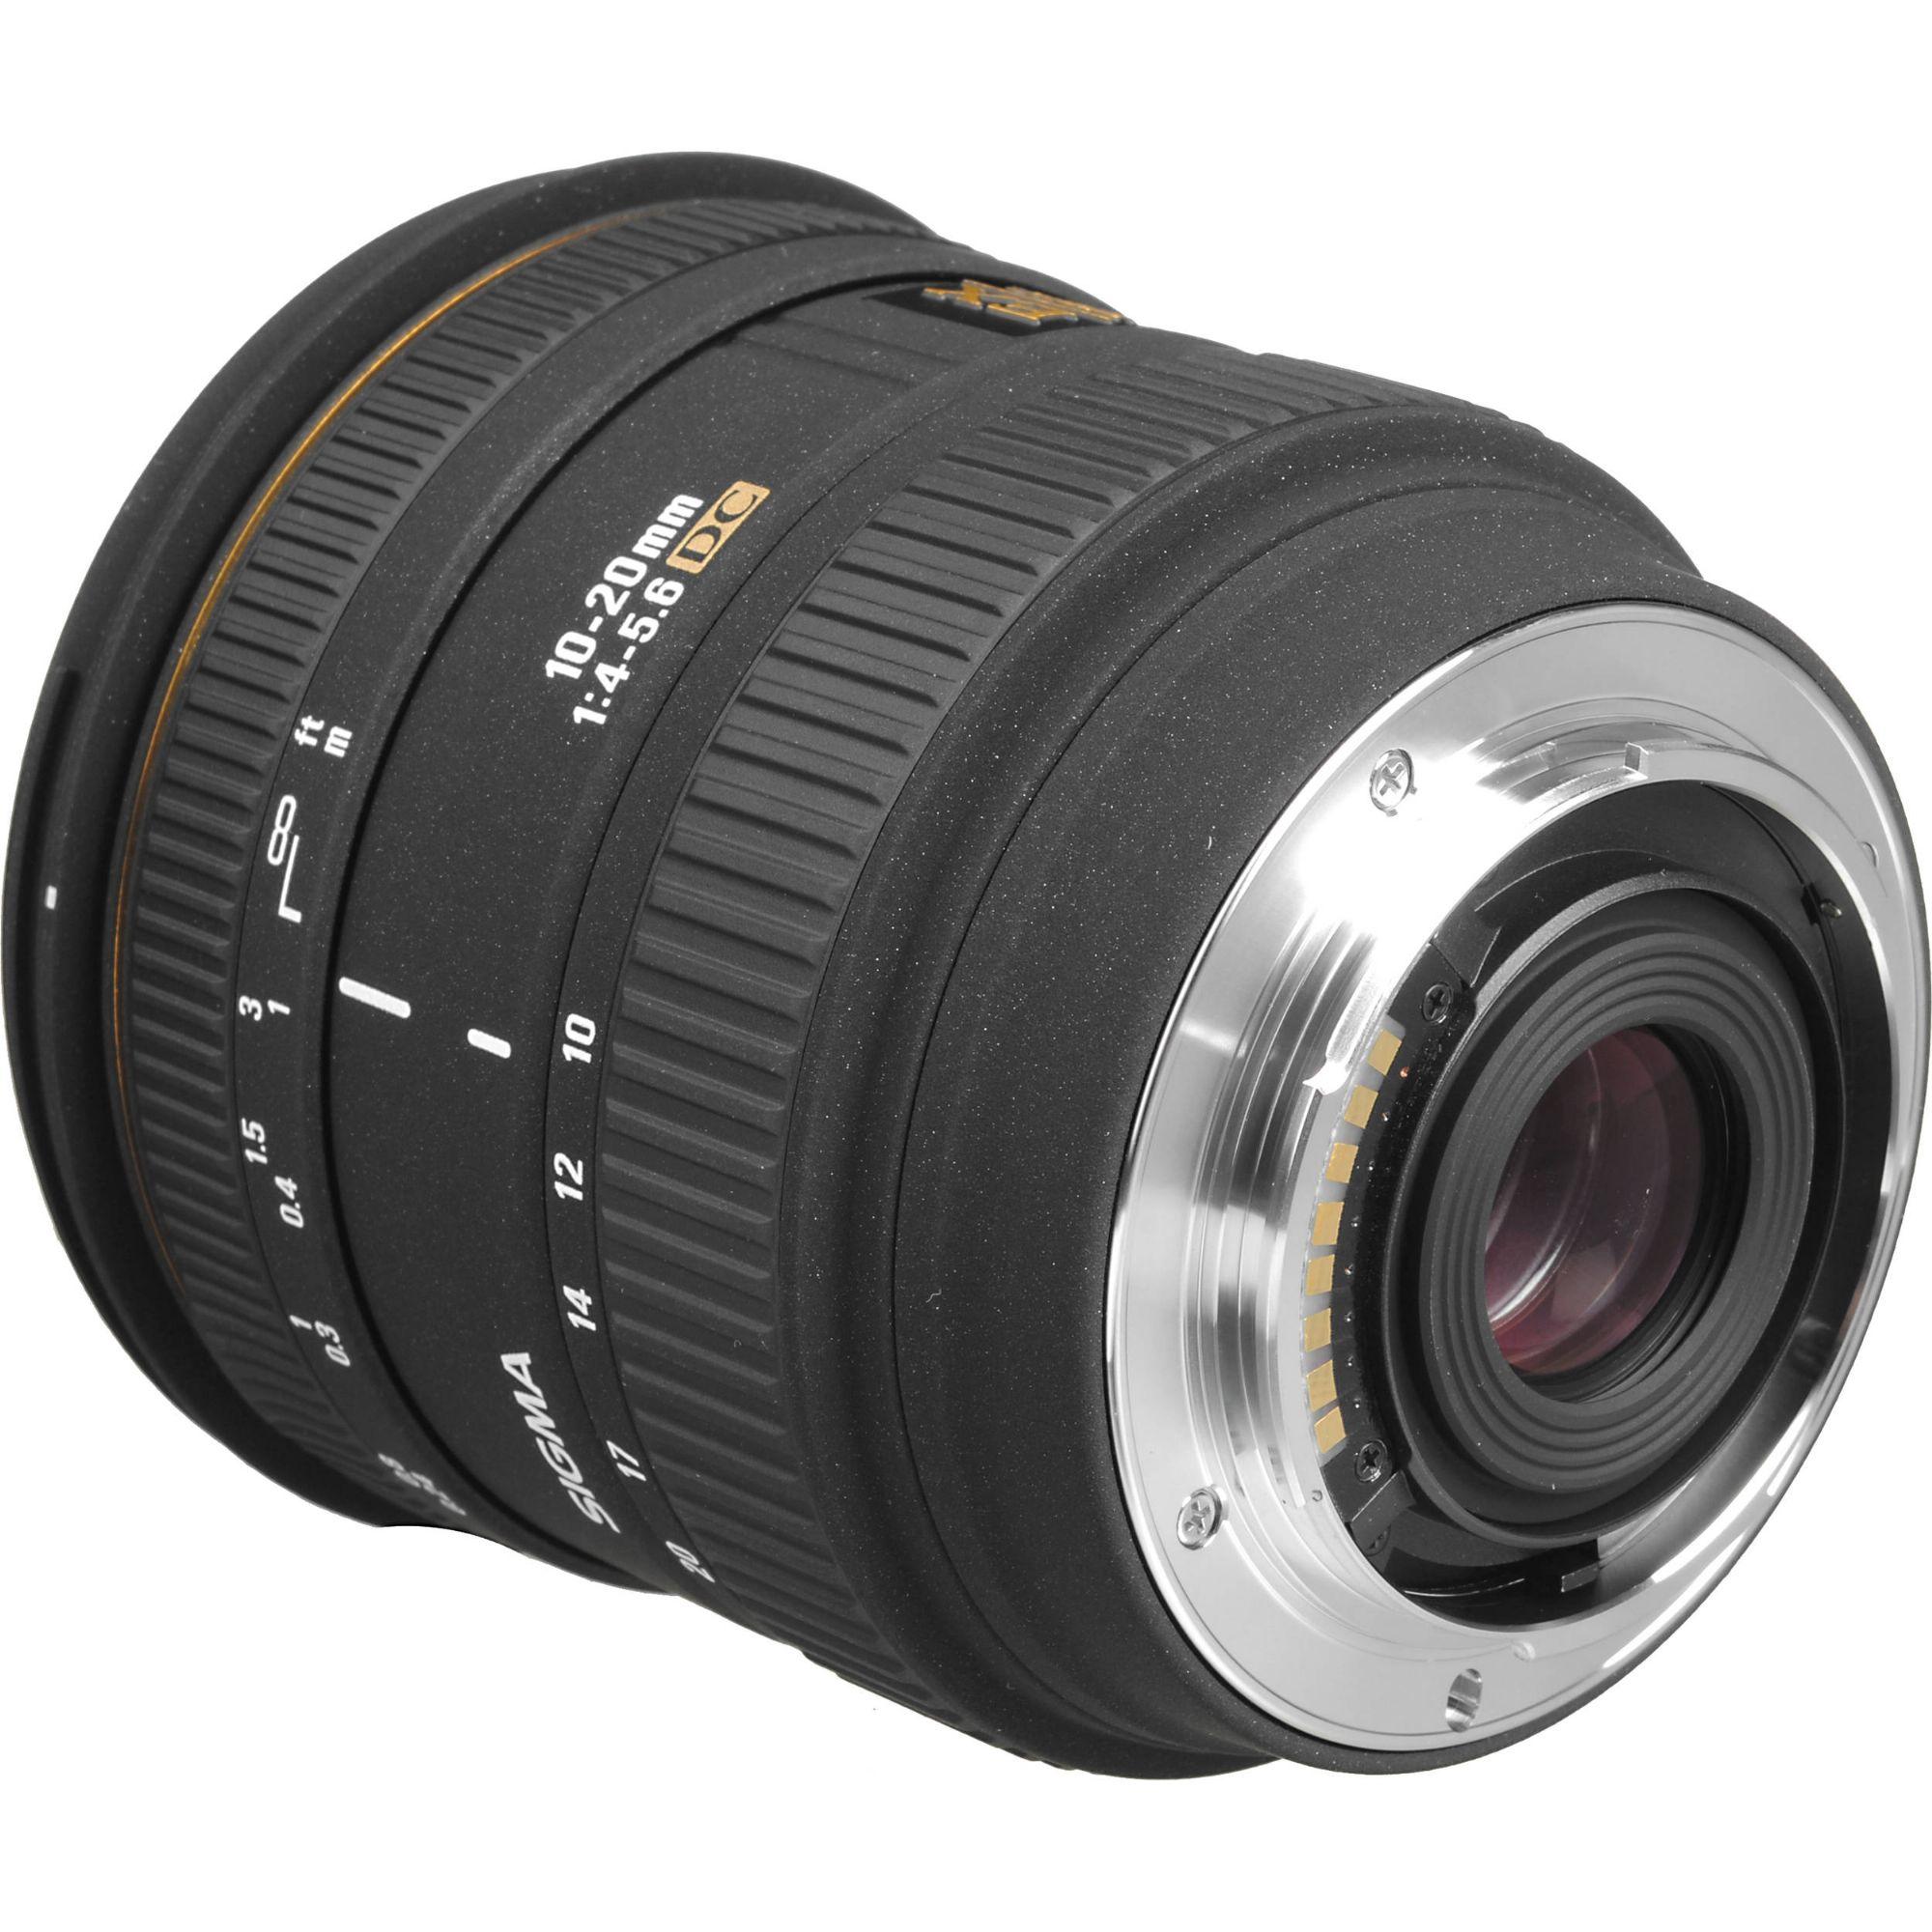 Analoge Fotografie Sigma Ex 10-20mm 1:4-5.6 Dc Hsm FÜr Canon Foto & Camcorder